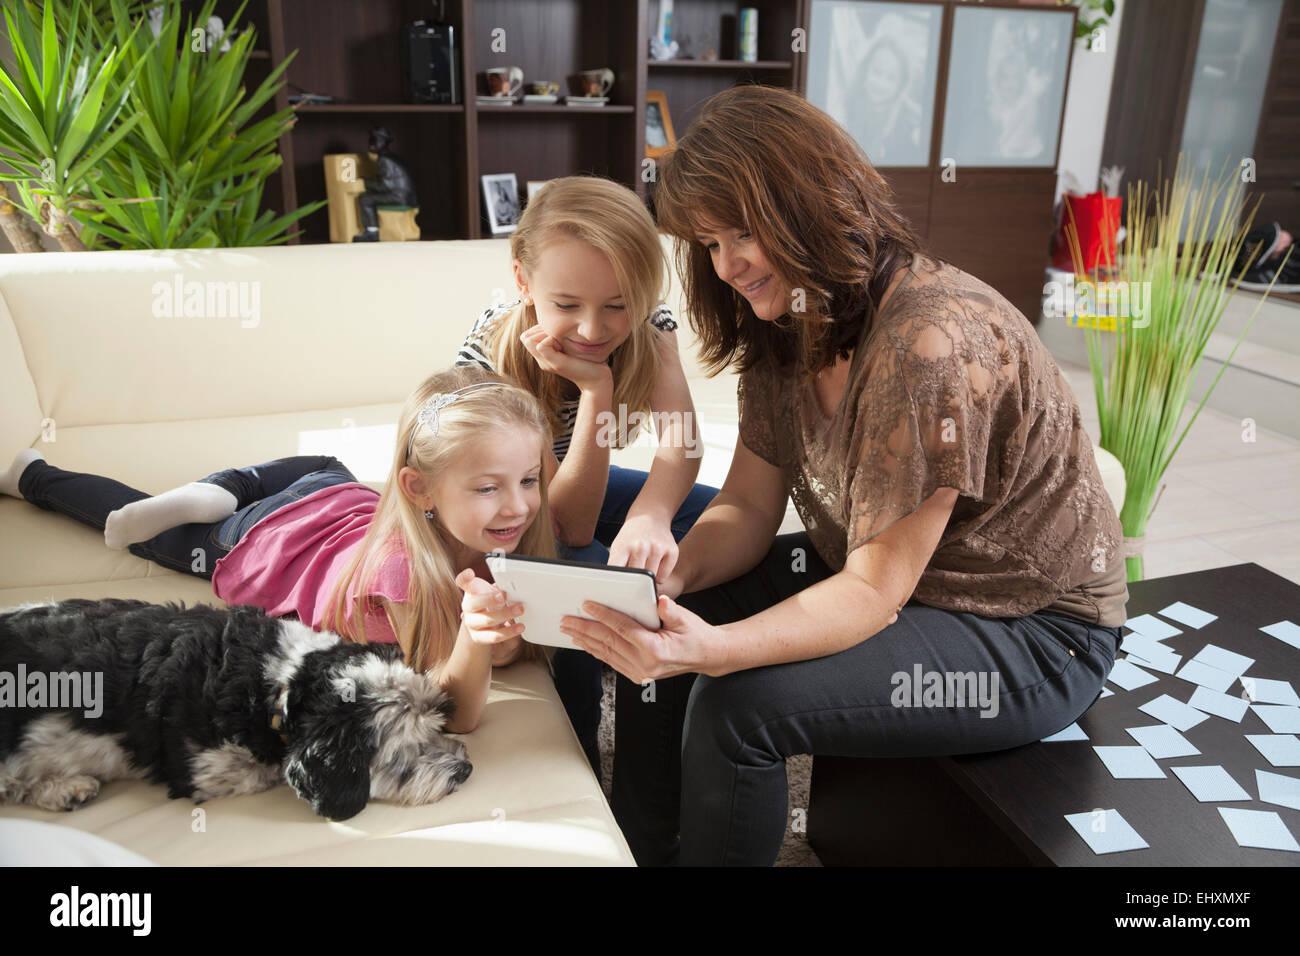 Femme avec ses deux filles jouer à des jeux sur une tablette numérique dans un salon, Bavière, Allemagne Photo Stock